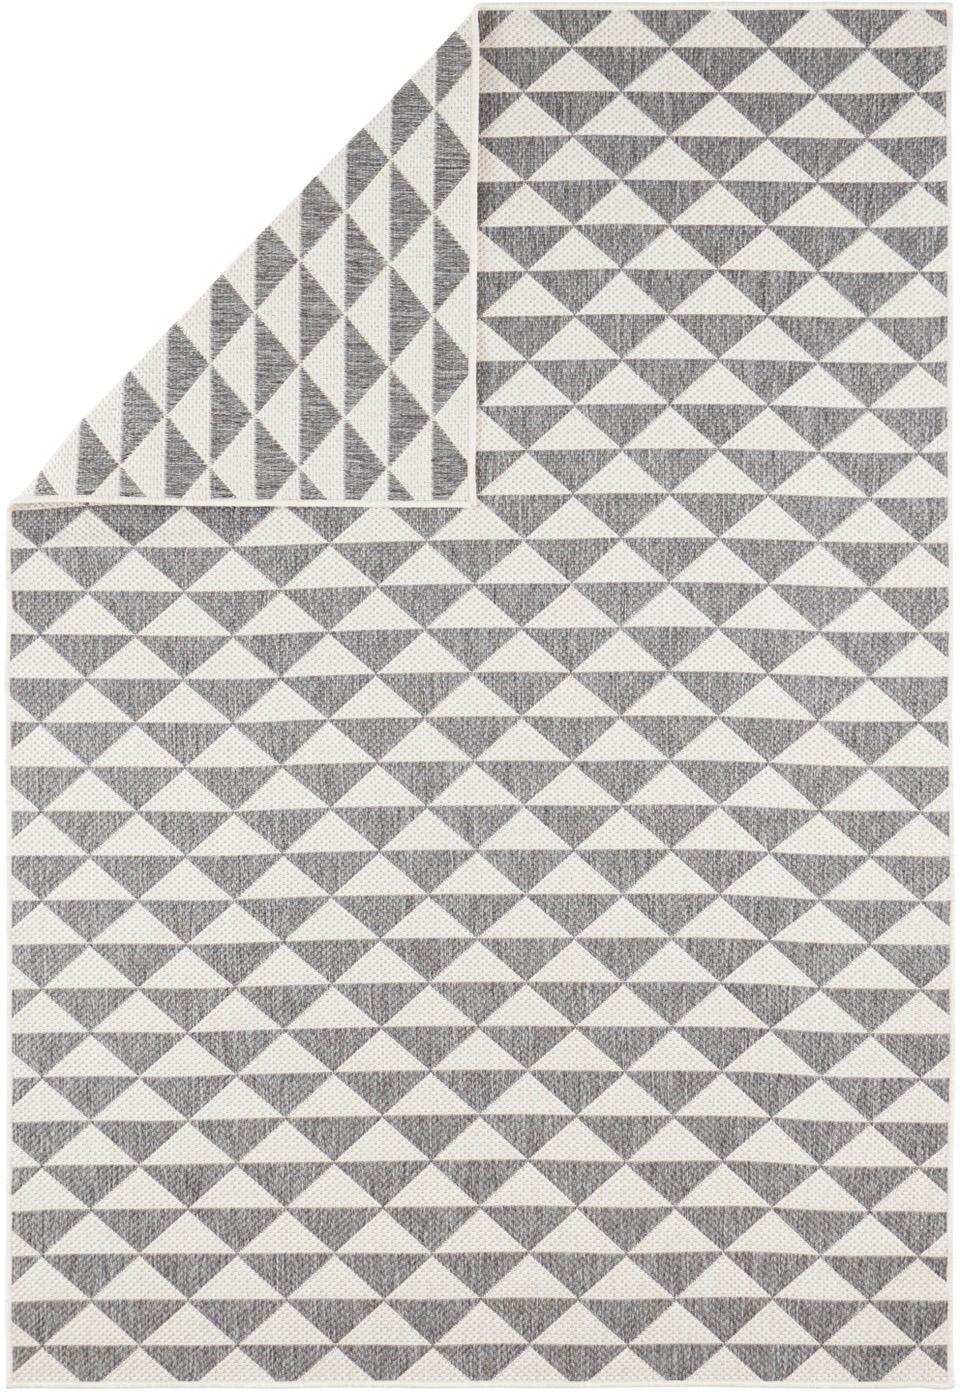 In- & outdoor vloerkleed met patroon Tahiti in grijs/crème kleur, 100% polypropyleen, Grijs, crèmekleurig, B 200 x L 290 cm (maat L)